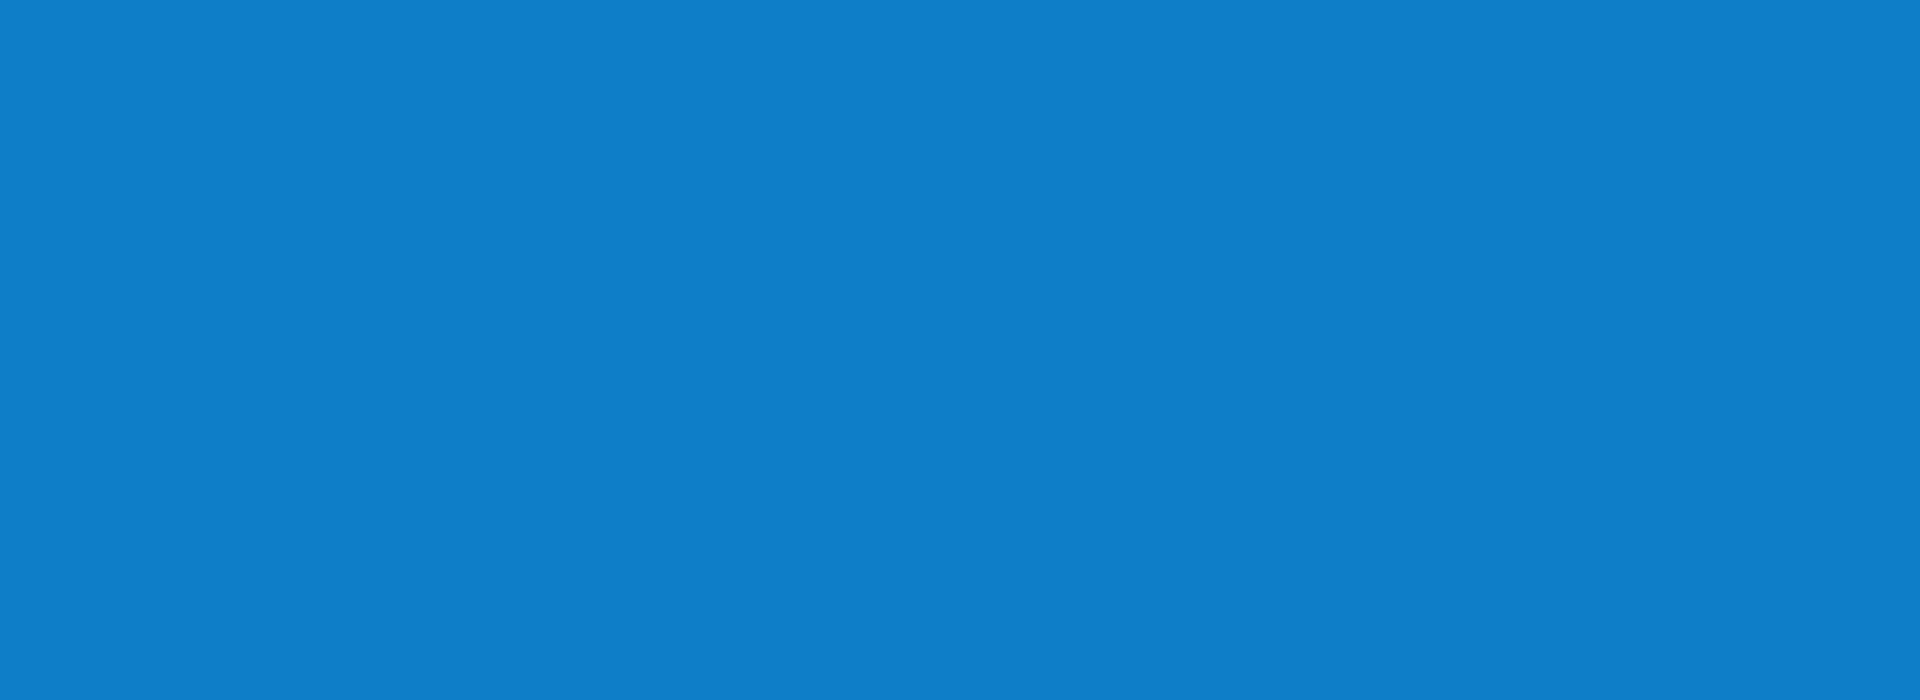 blauw-bg